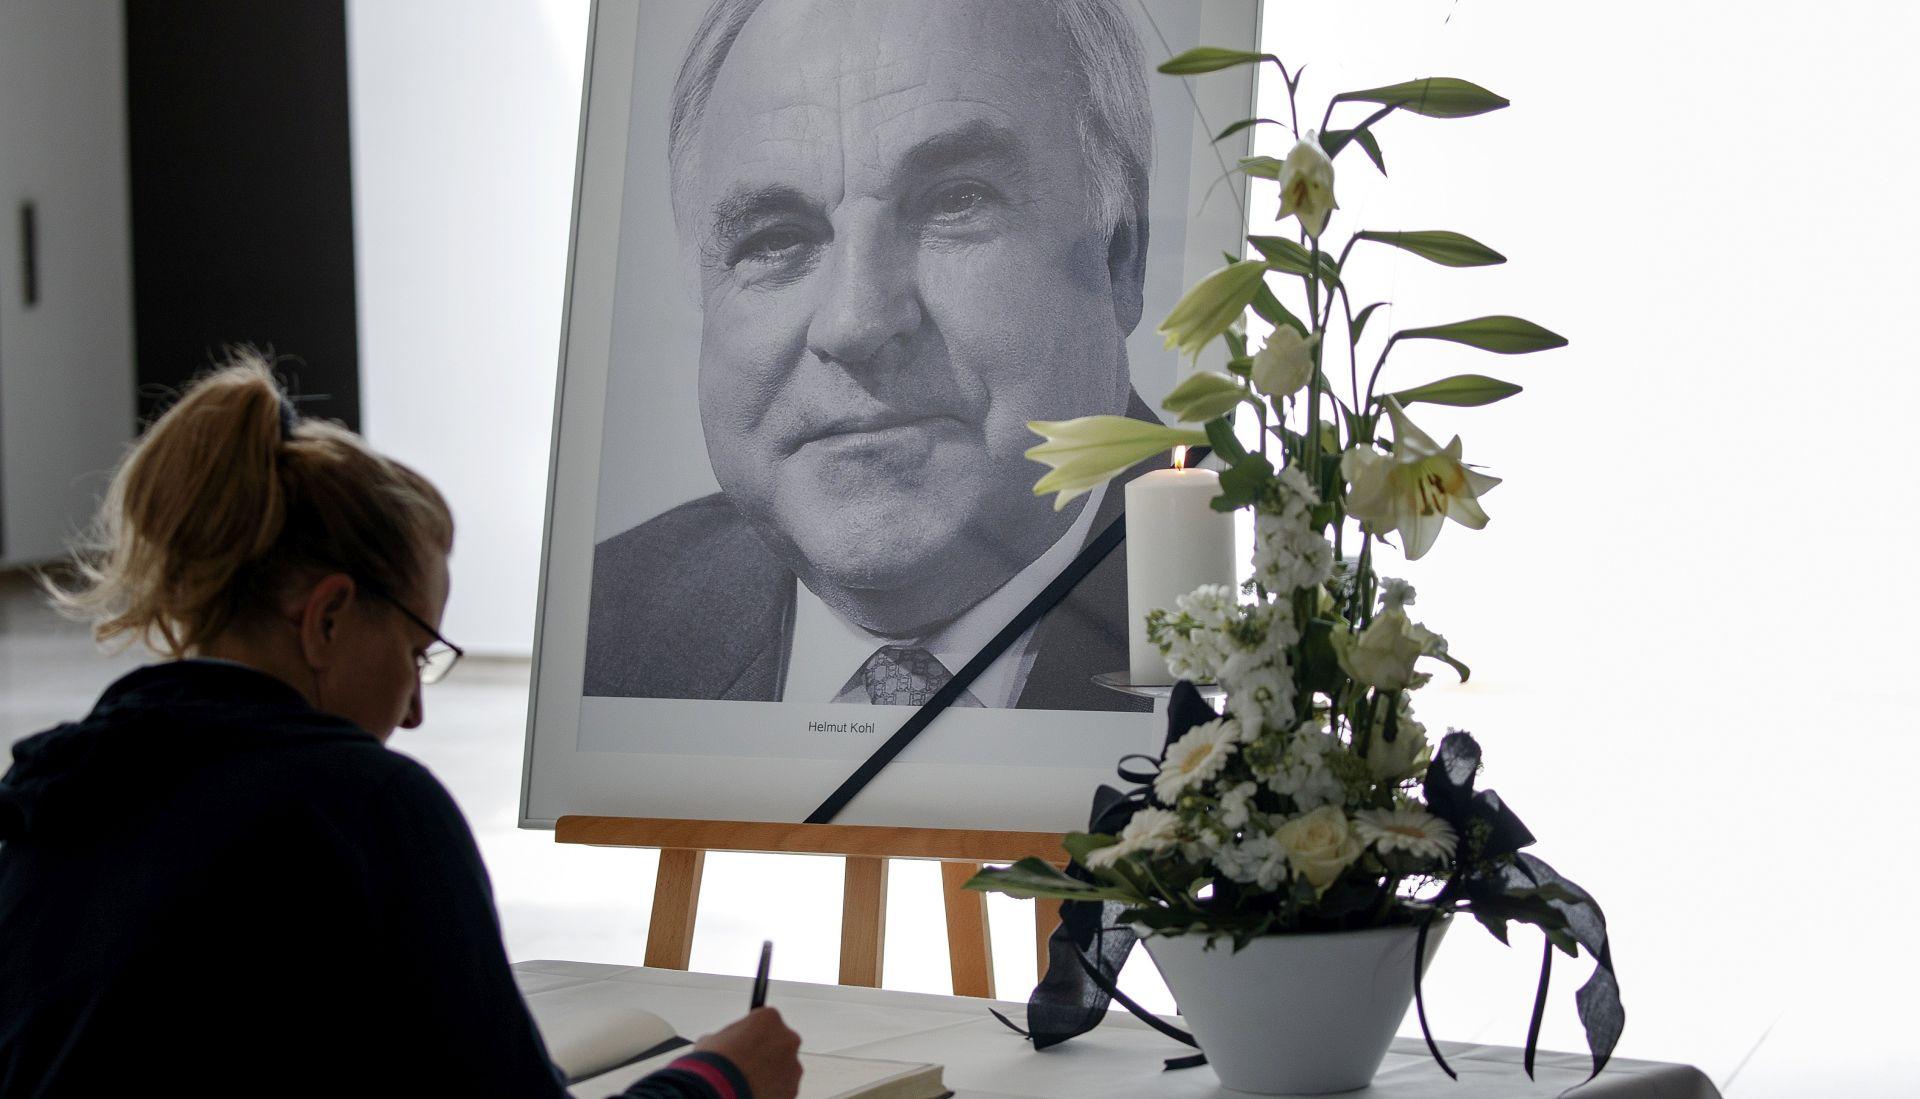 Europska komemoracija u Strasbourgu u povodu smrti Helmuta Kohla